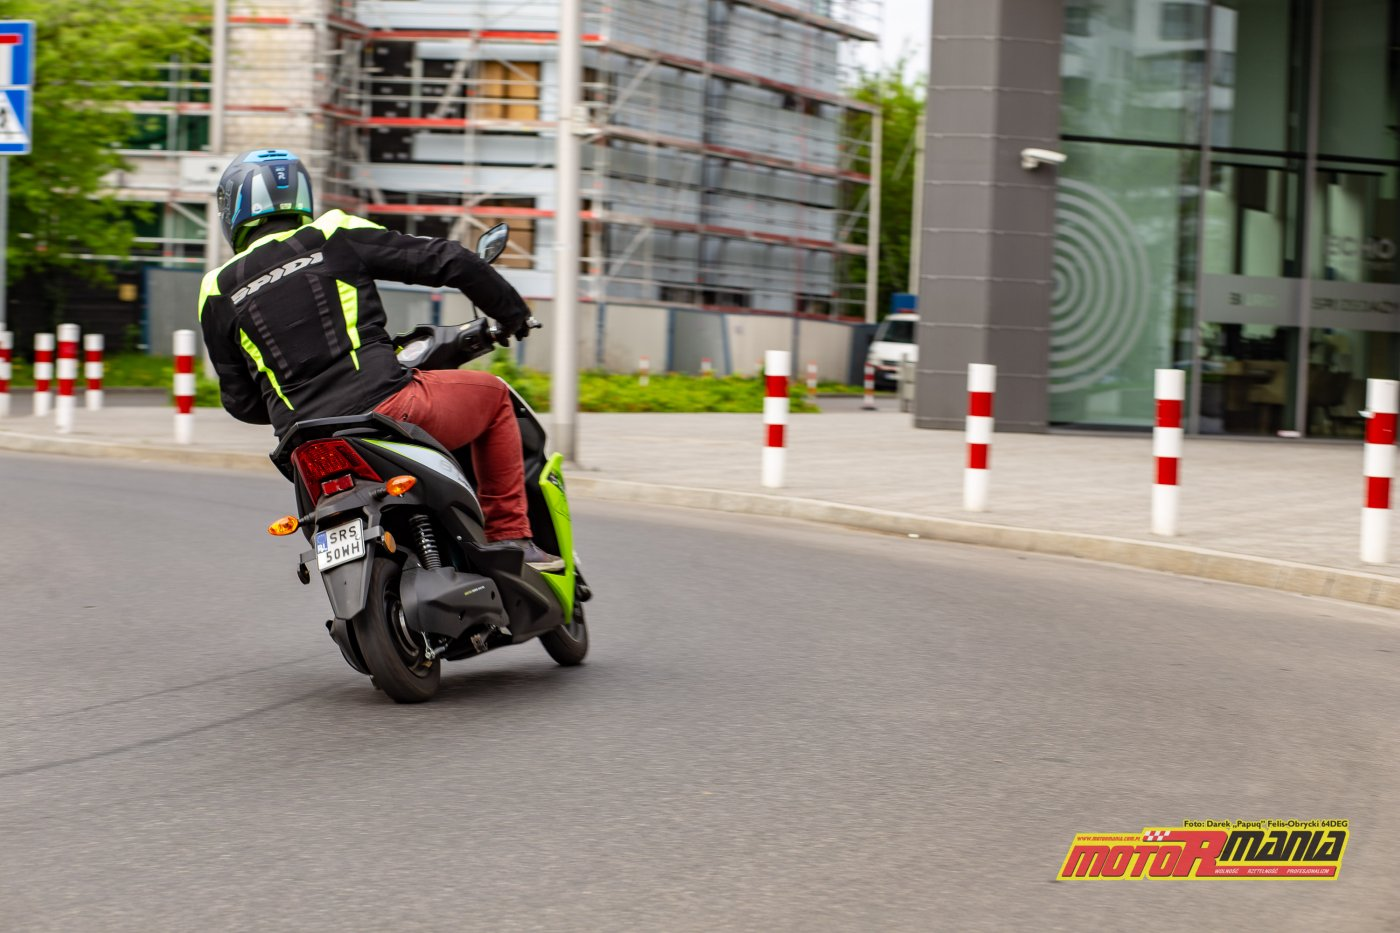 Barton Eko Energy - test MotoRmania - fot Darek Papug Felis-Obrycki (9)